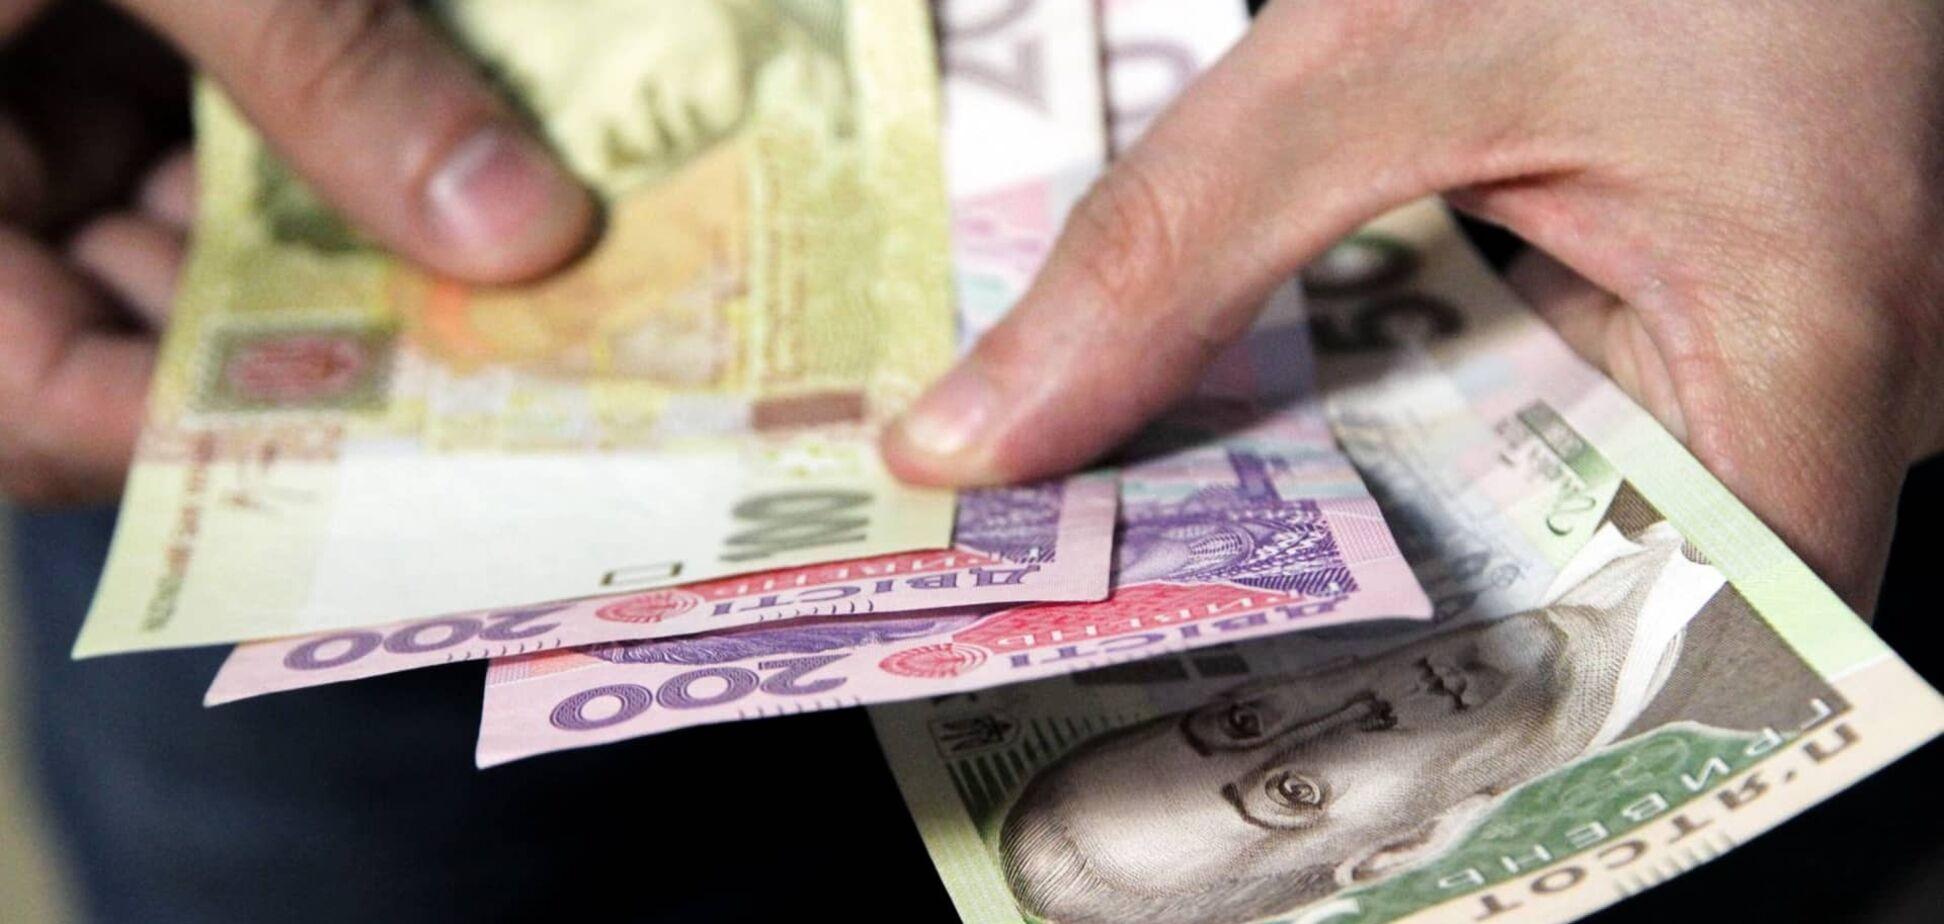 В Украине за перебои в электроснабжении будутплатить компенсацию